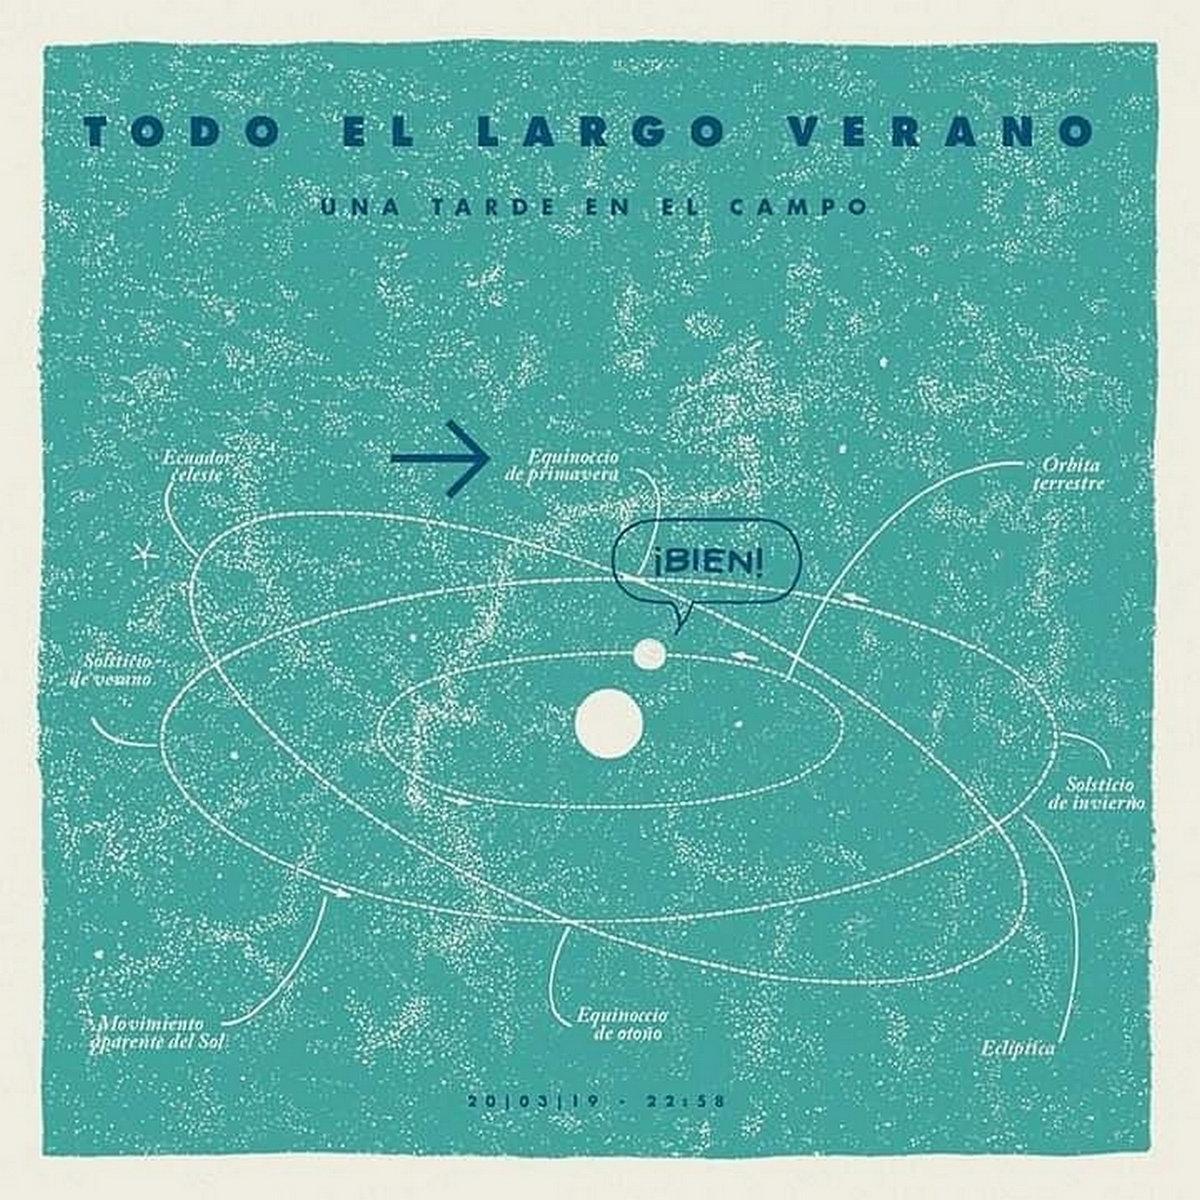 portada del album Una Tarde en el Campo